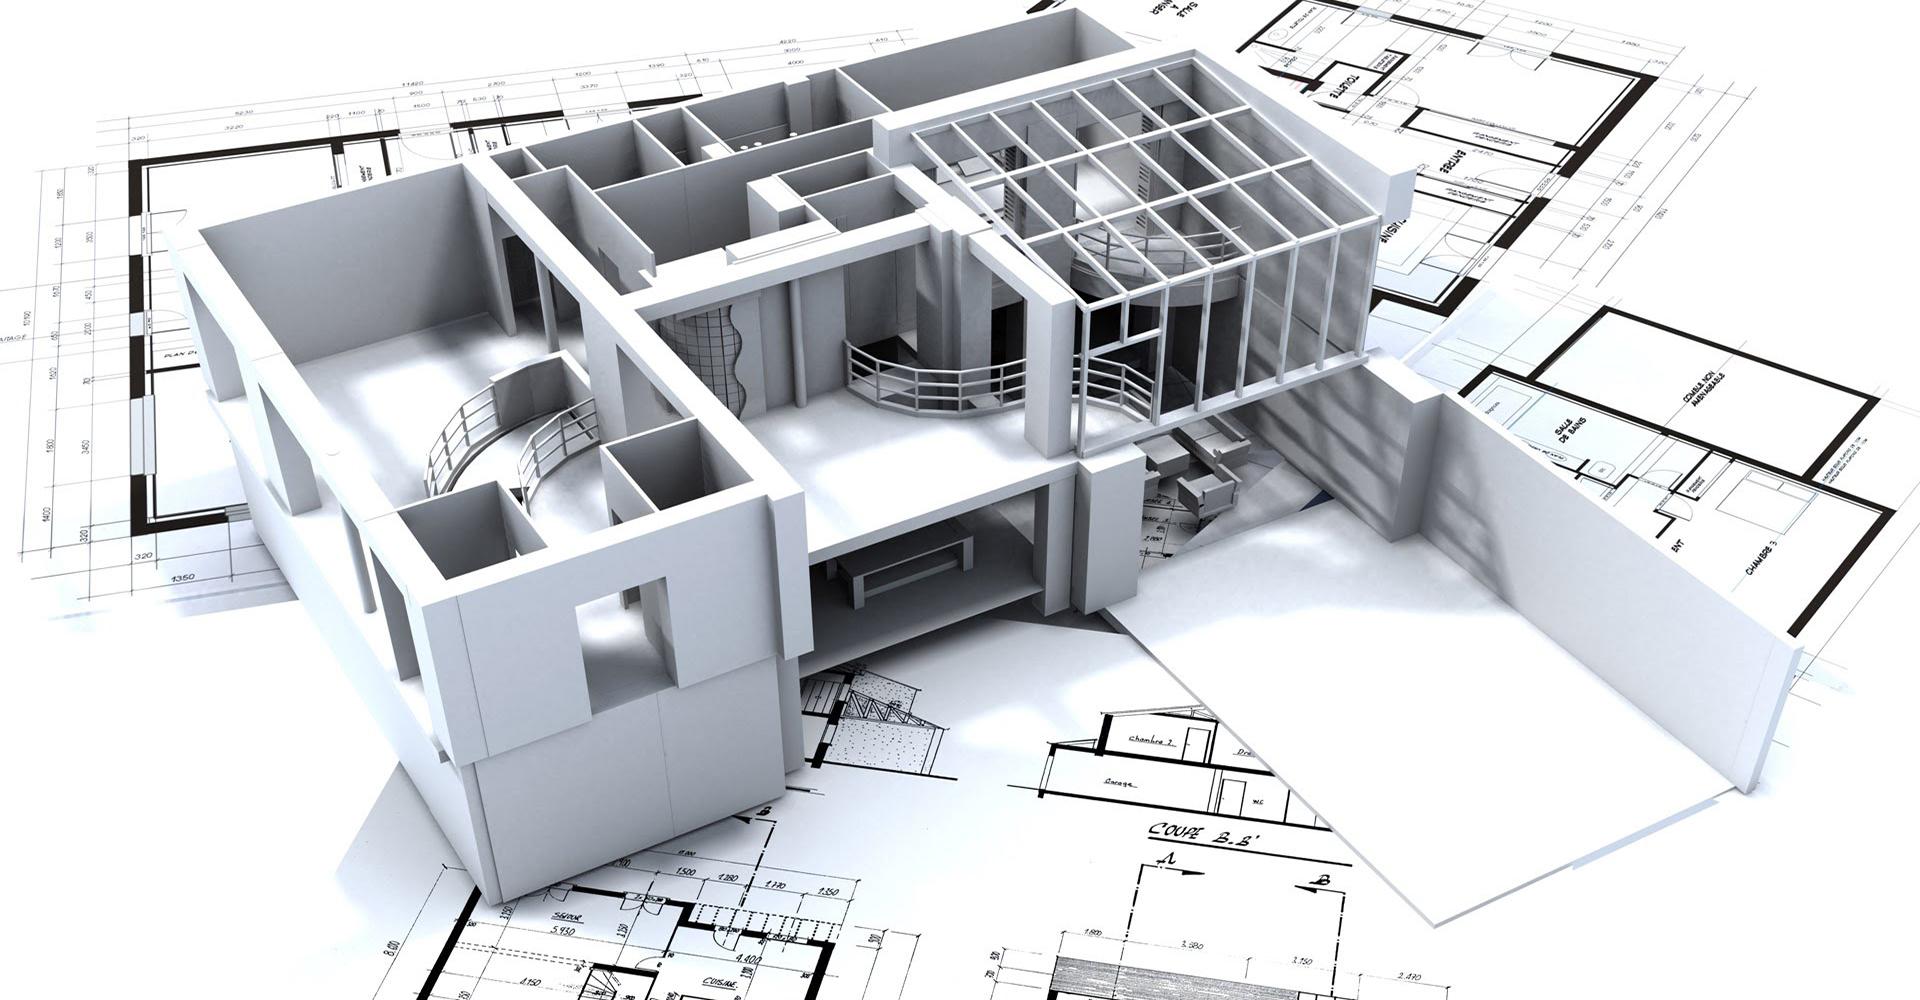 Családi házak, társasházak, irodaházak, ipari épületek teljeskörü, komplett statikai tervezése